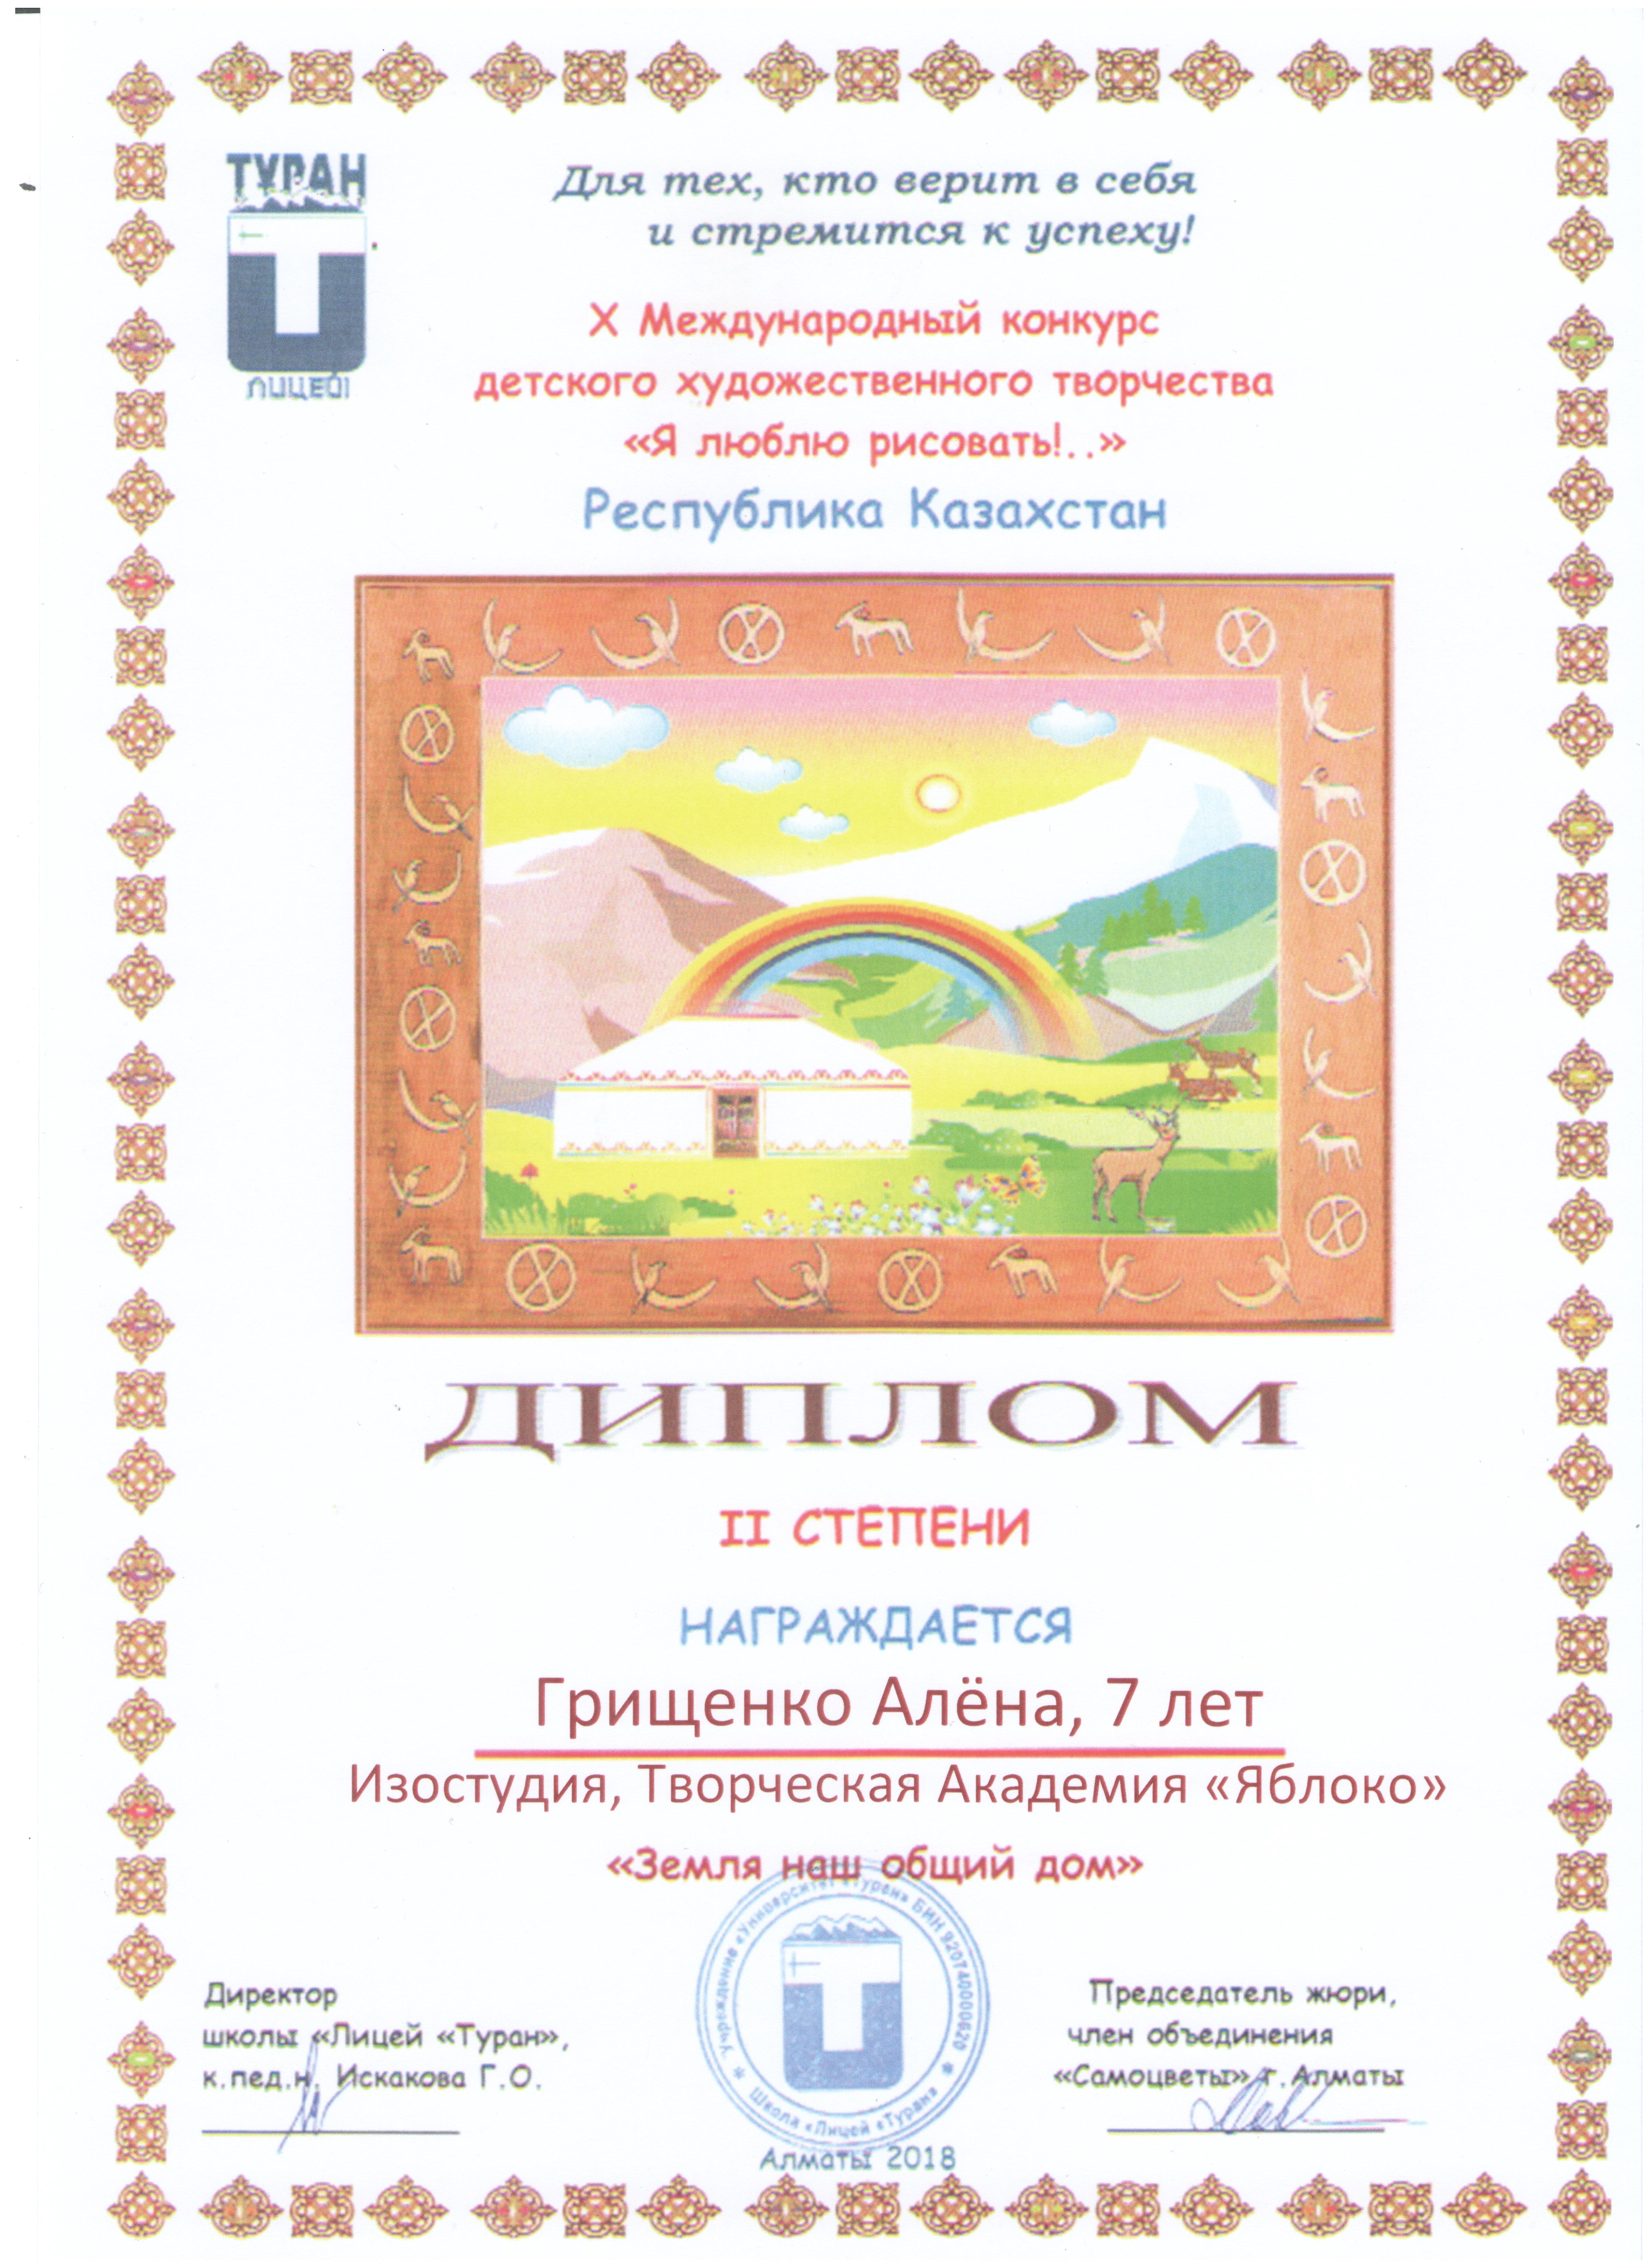 Грищенко Алена, 7 лет